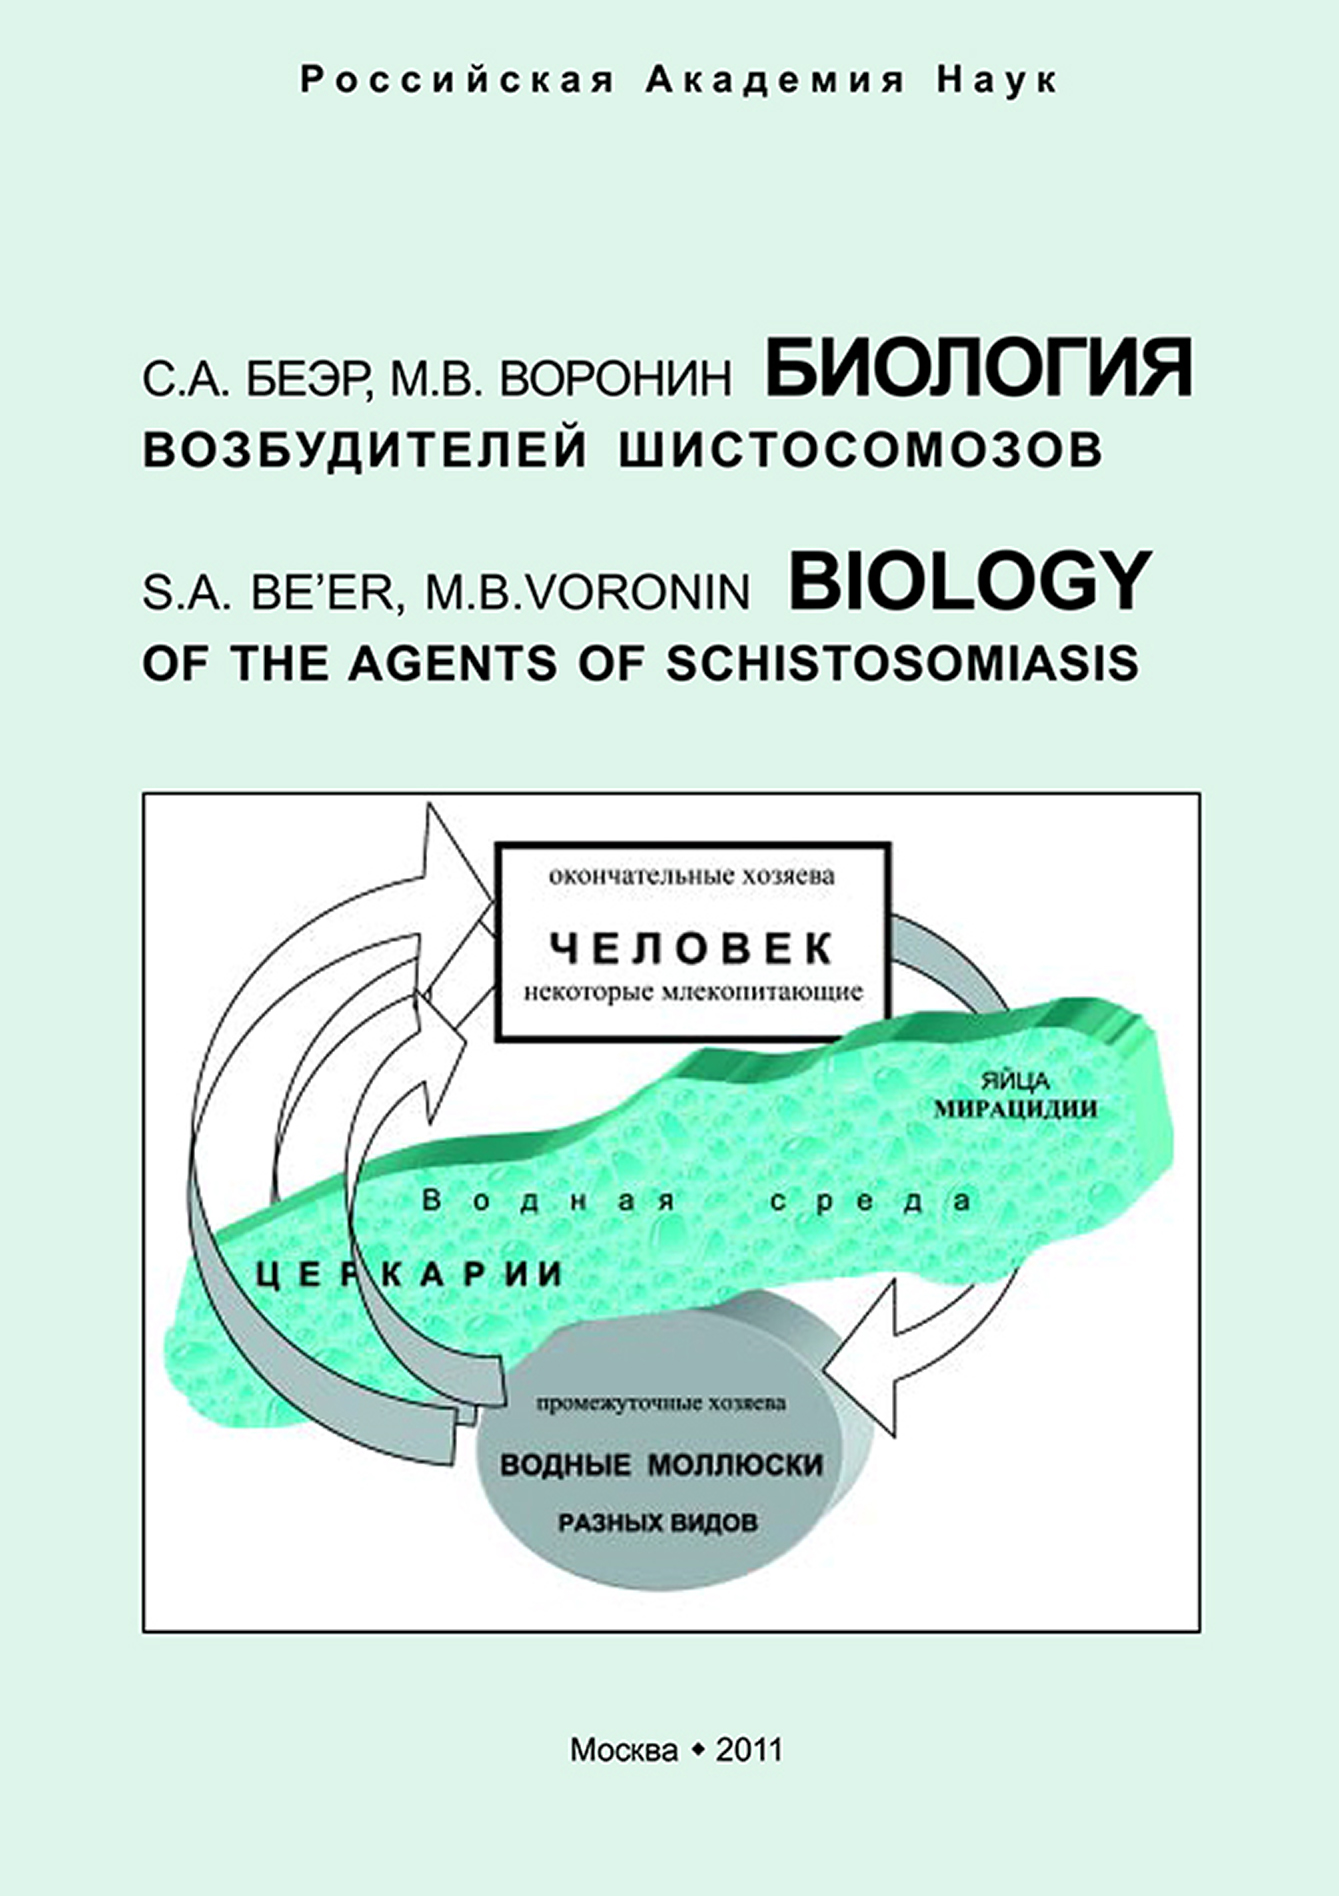 biologiya vozbuditeley shistosomozov